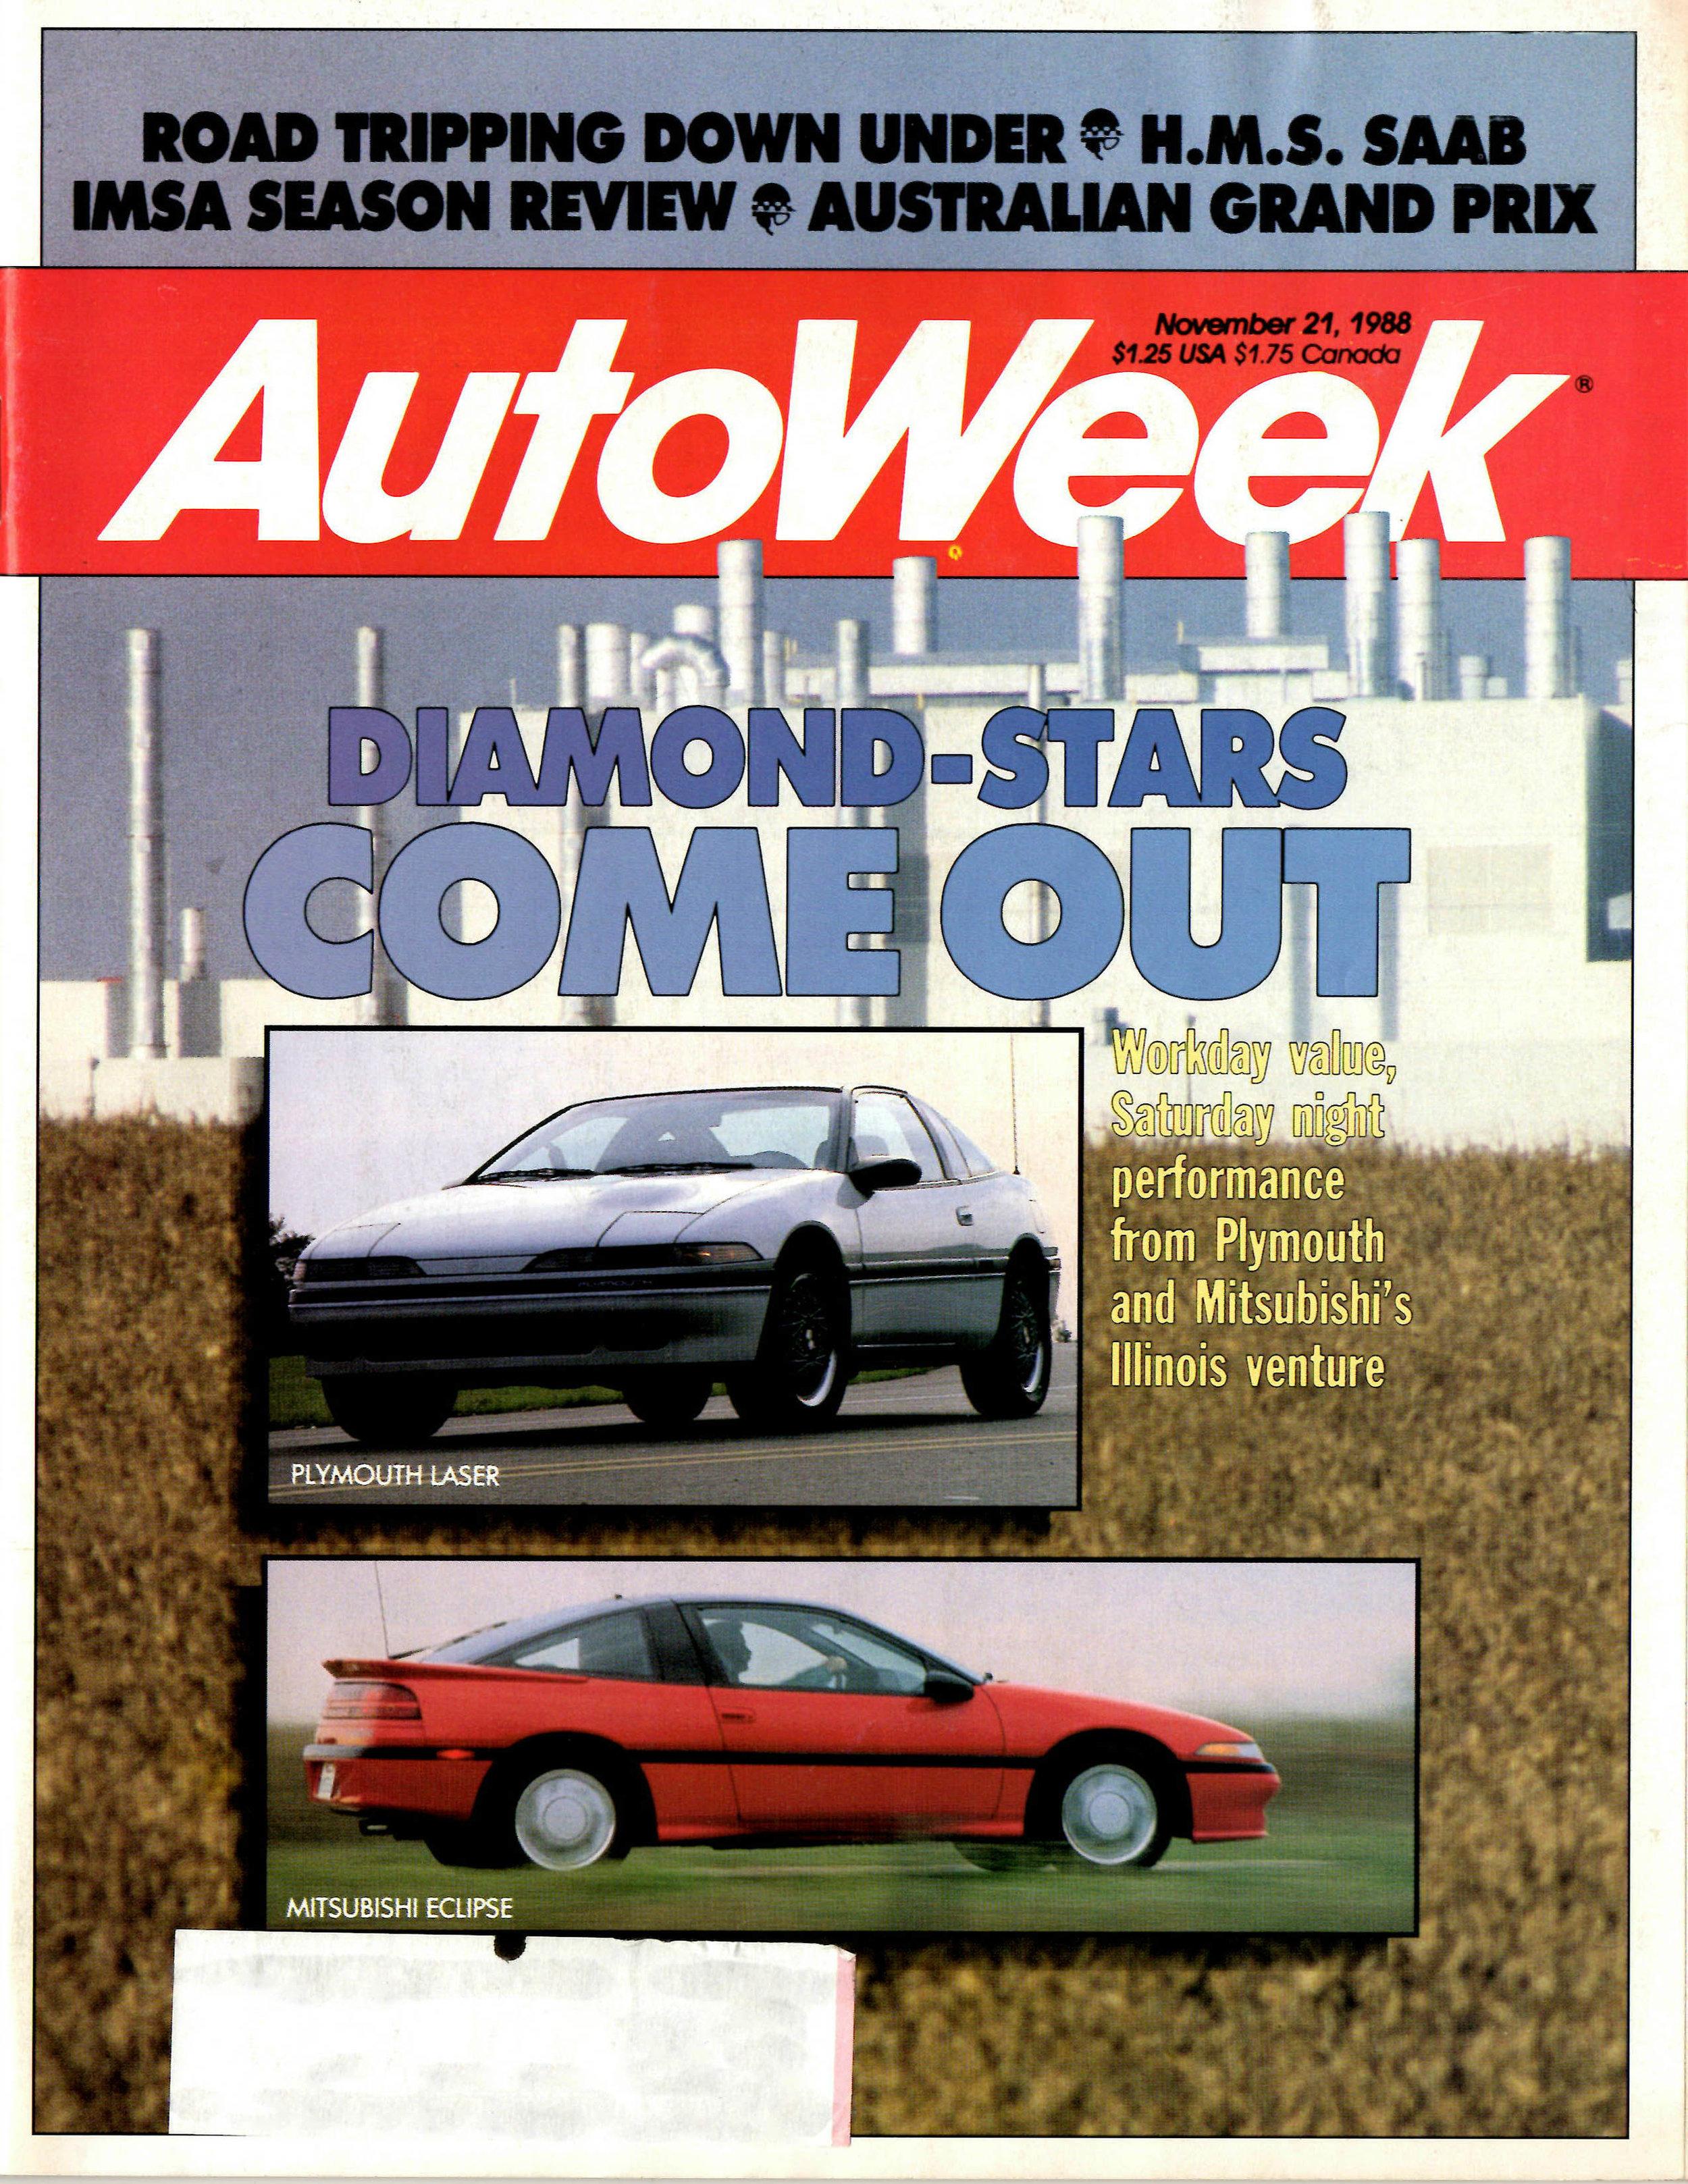 autoweek 1988 cover.jpg